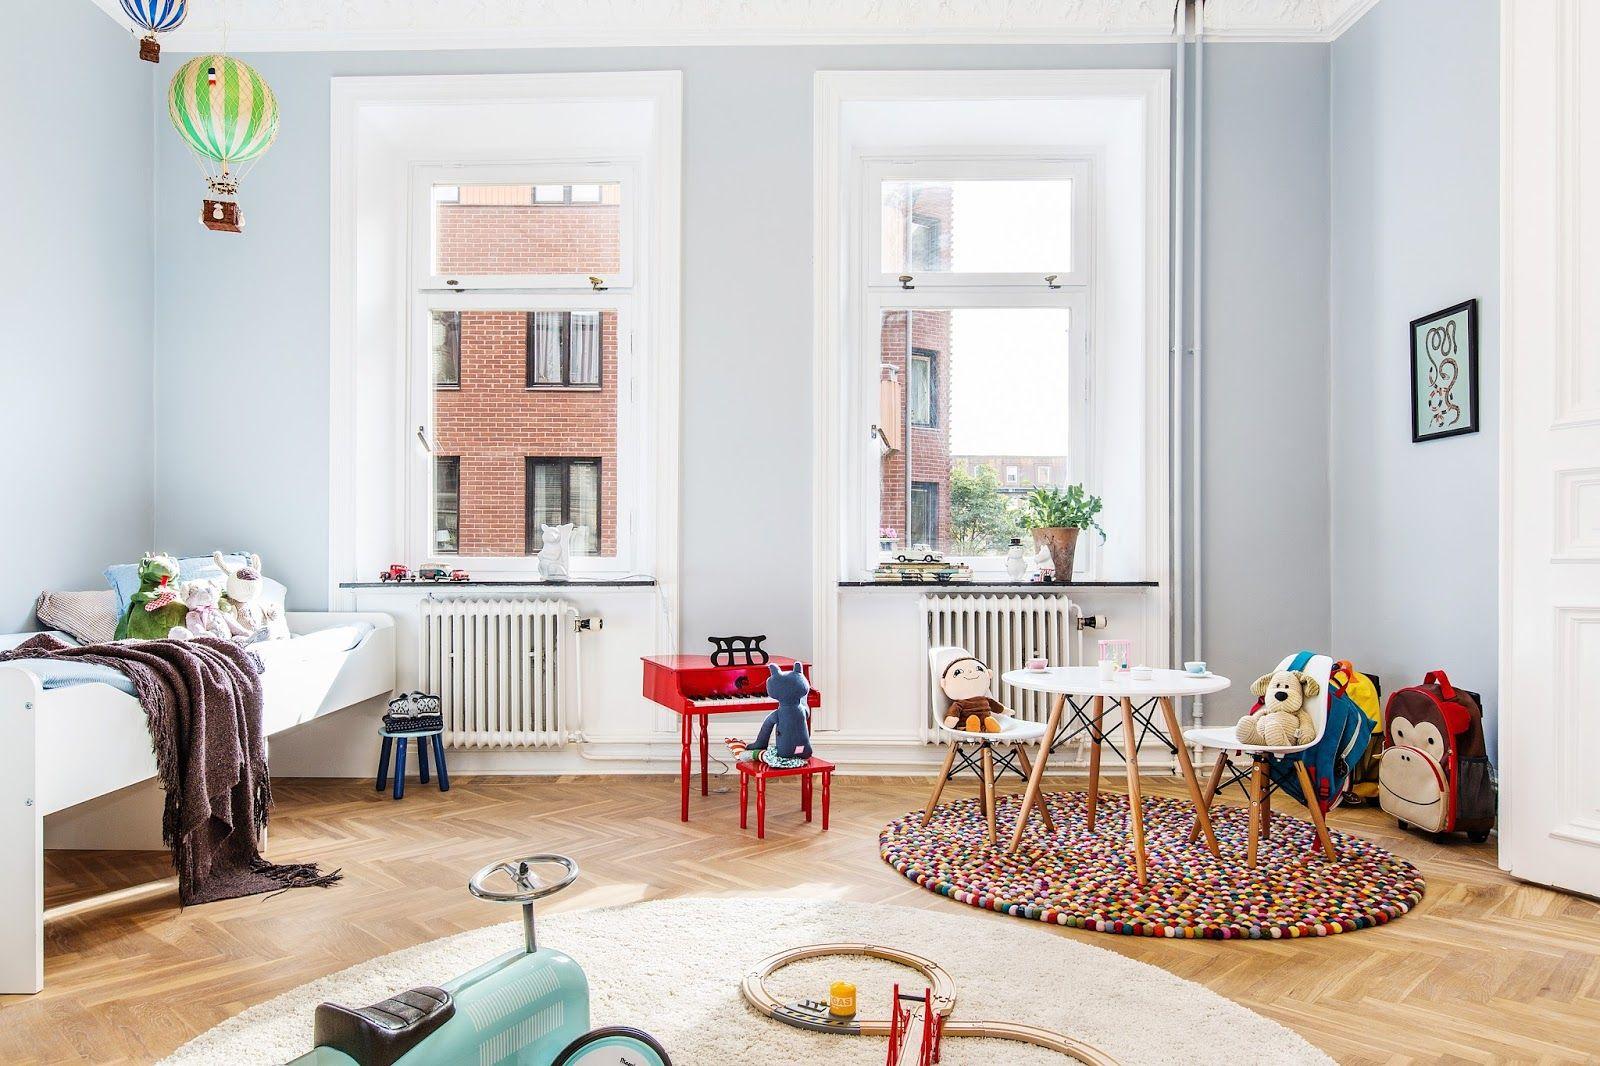 Casinha colorida: Home Tour: um apartamento sueco em tons pastel